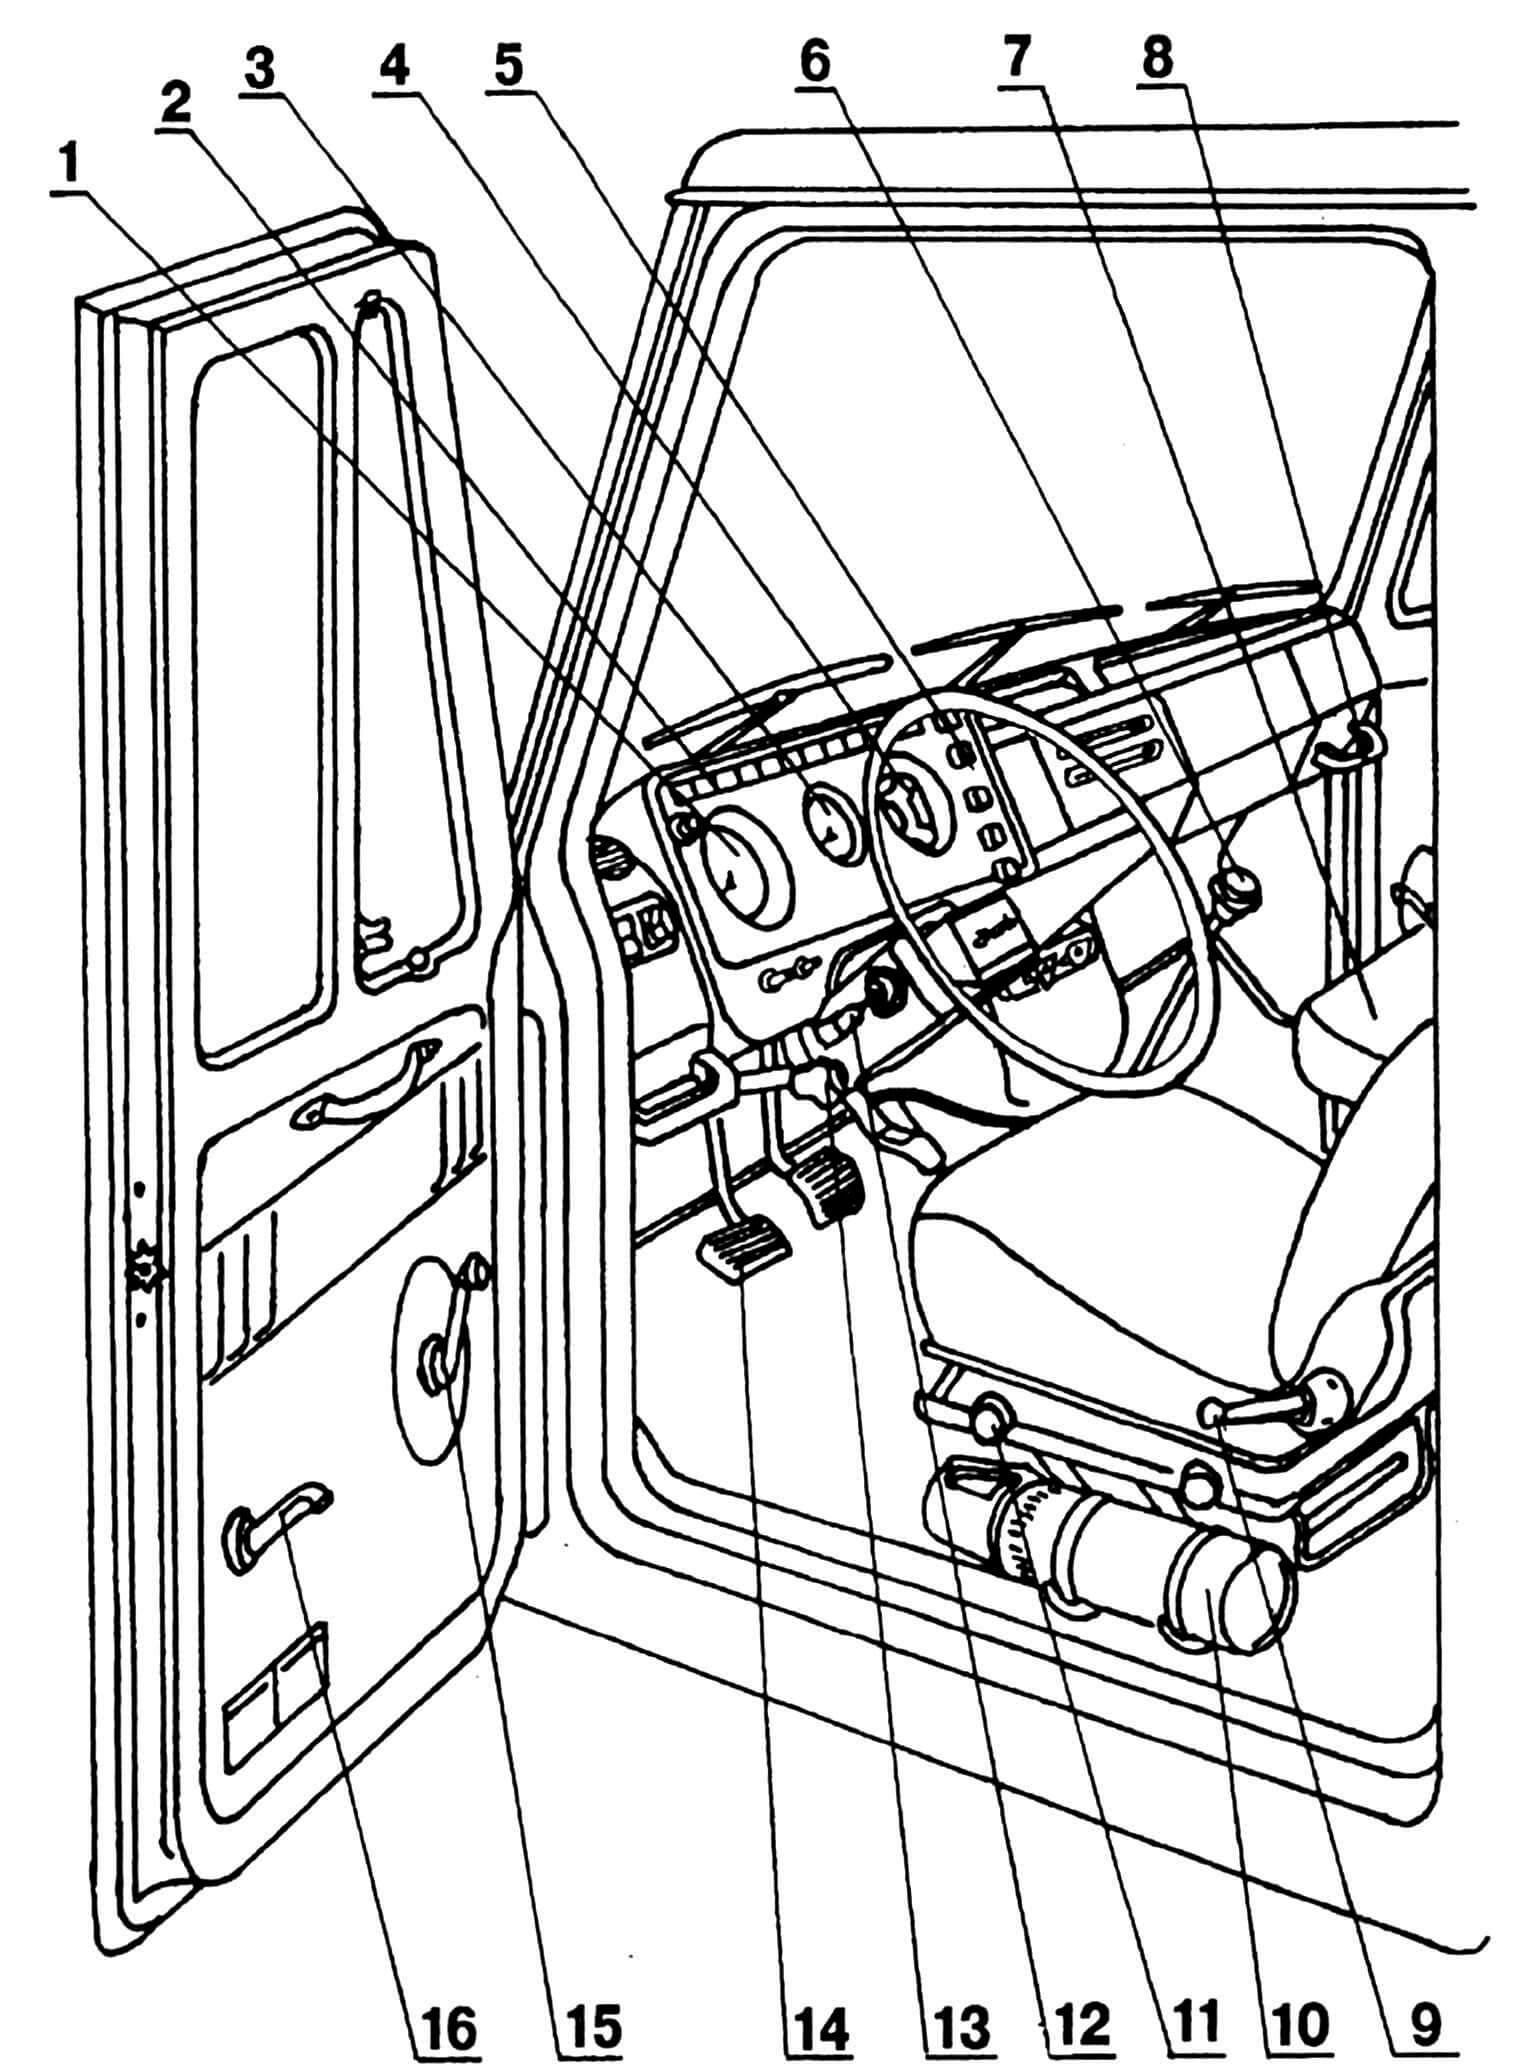 Оборудование кабины: 1 — спидометр, 2 — блок контрольных ламп, 3 — тахометр, 4 — прибор комбинированный, 5 — кнопки управления вспомогательными системами, 6 — рычаг переключения передач, 7 — сиденье пассажирское, 8 — поручень, 9 — рукоятка регулировки наклона кресла, 10 — огнетушитель, 11 — регулятор сиденья по длине, 12 — переключатель комбинированный, 13 — рычаг регулировки наклона рулевой колонки, 14 — педаль сцепления, 15 — ручка стеклоподъемника, 16 — ручка открывания двери.